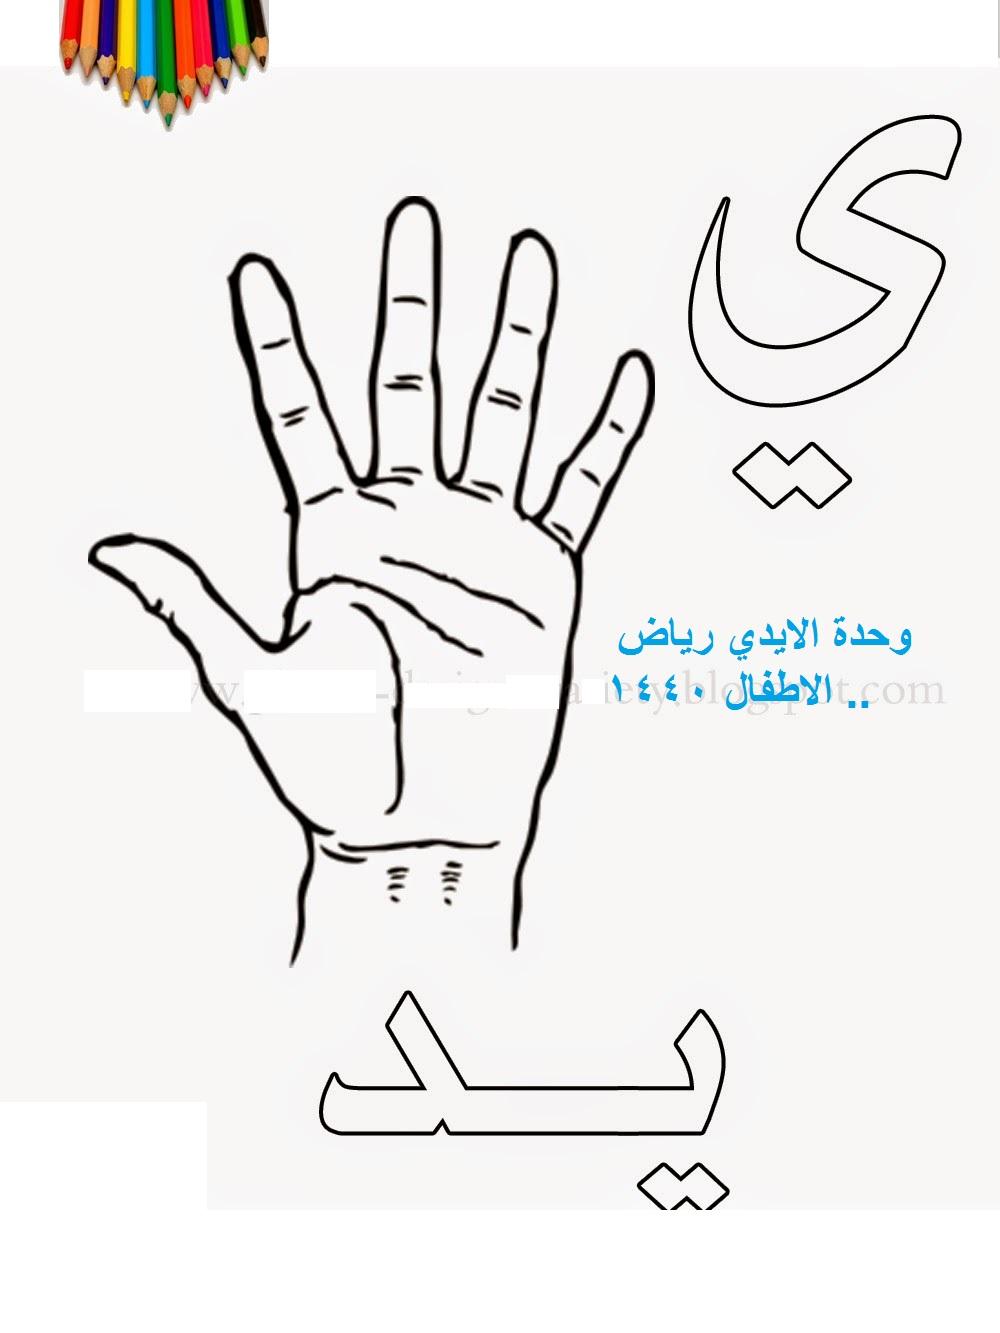 افكار وحدة الأيدي رياض الاطفال